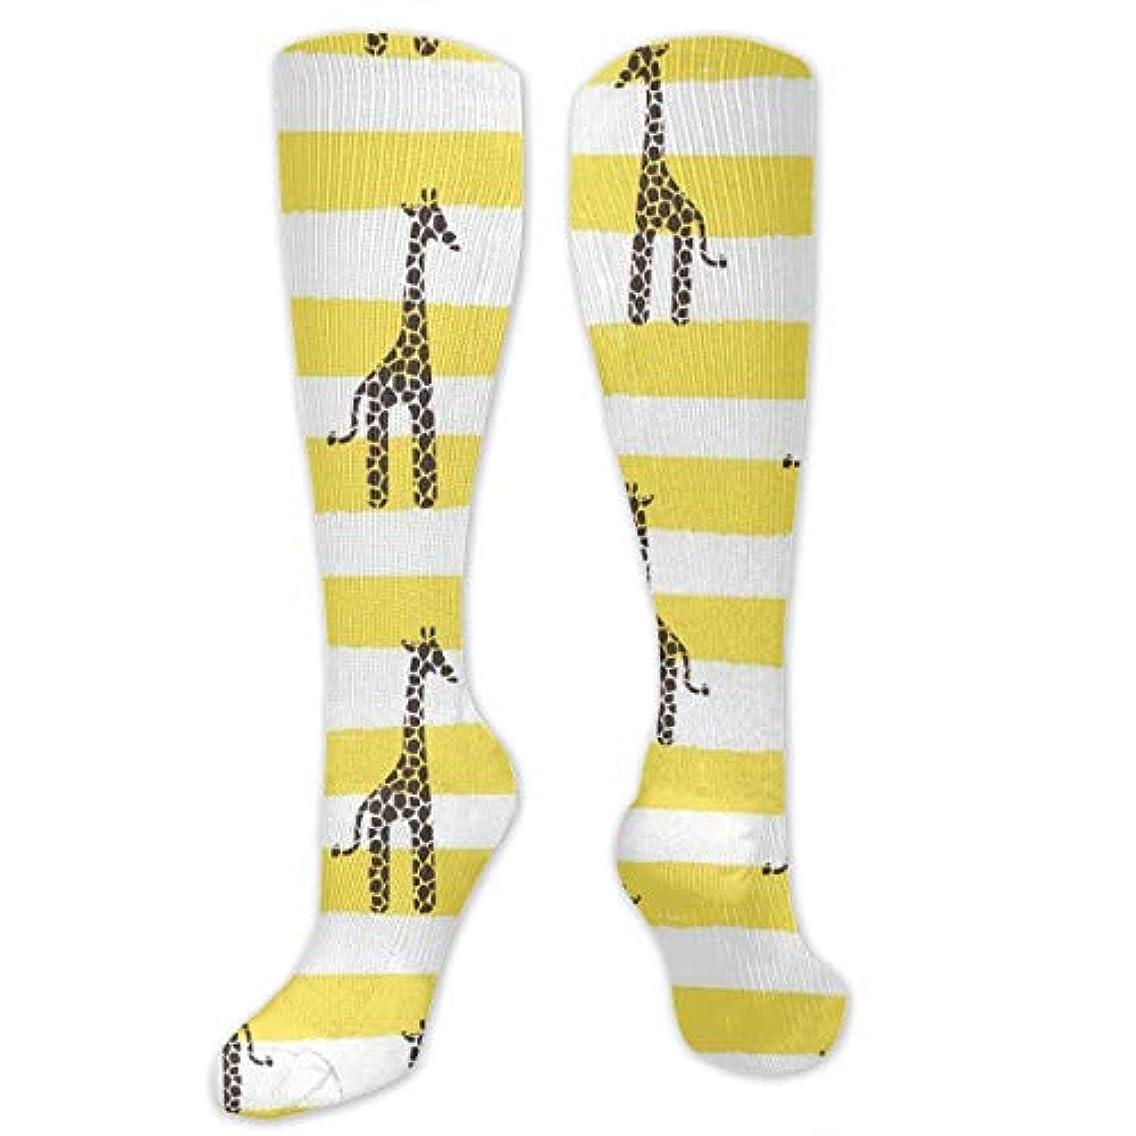 観光に行くビジュアルリファイン靴下,ストッキング,野生のジョーカー,実際,秋の本質,冬必須,サマーウェア&RBXAA Giraffe and Stripes Socks Women's Winter Cotton Long Tube Socks Cotton...